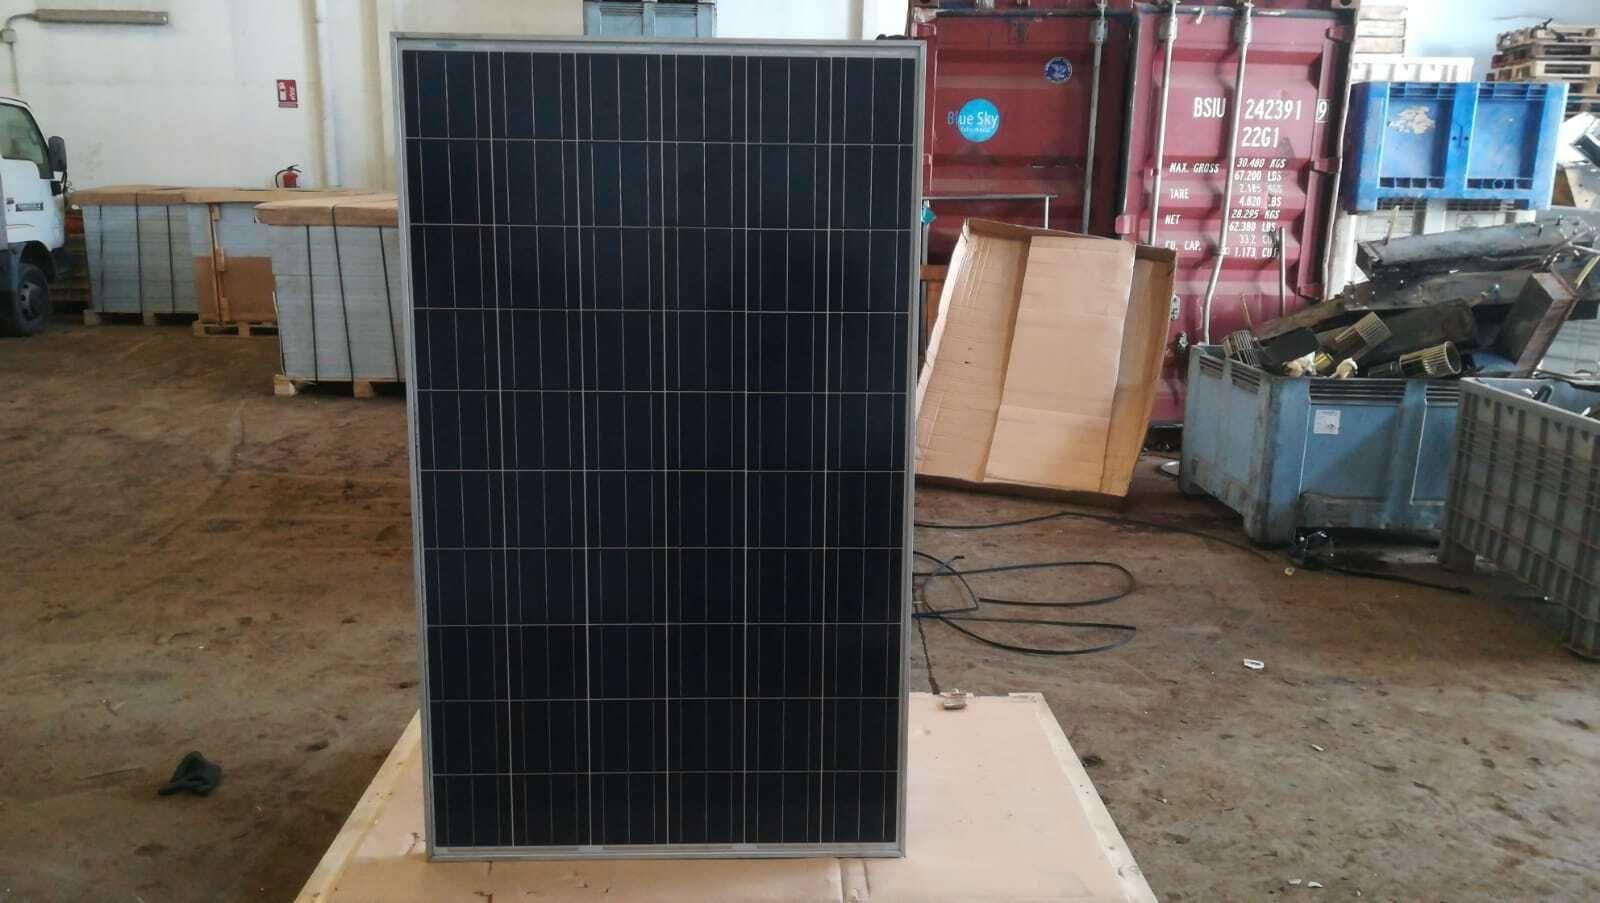 Los mit 28 Photovoltaikmodulen der Marke Axitec. L13